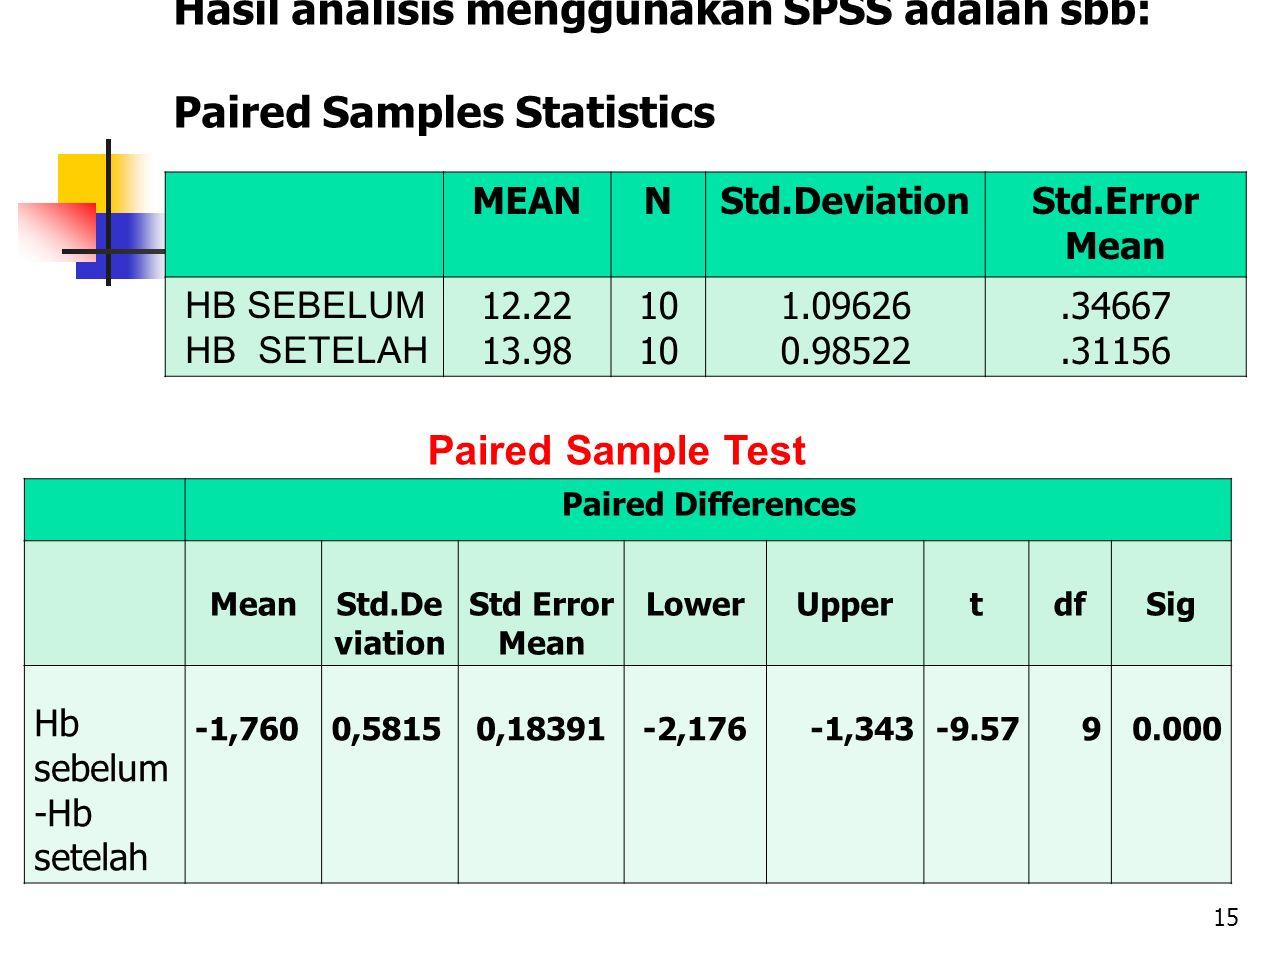 Hasil analisis menggunakan SPSS adalah sbb: Paired Samples Statistics MEANNStd.DeviationStd.Error Mean HB SEBELUM HB SETELAH 12.22 13.98 10 1.09626 0.